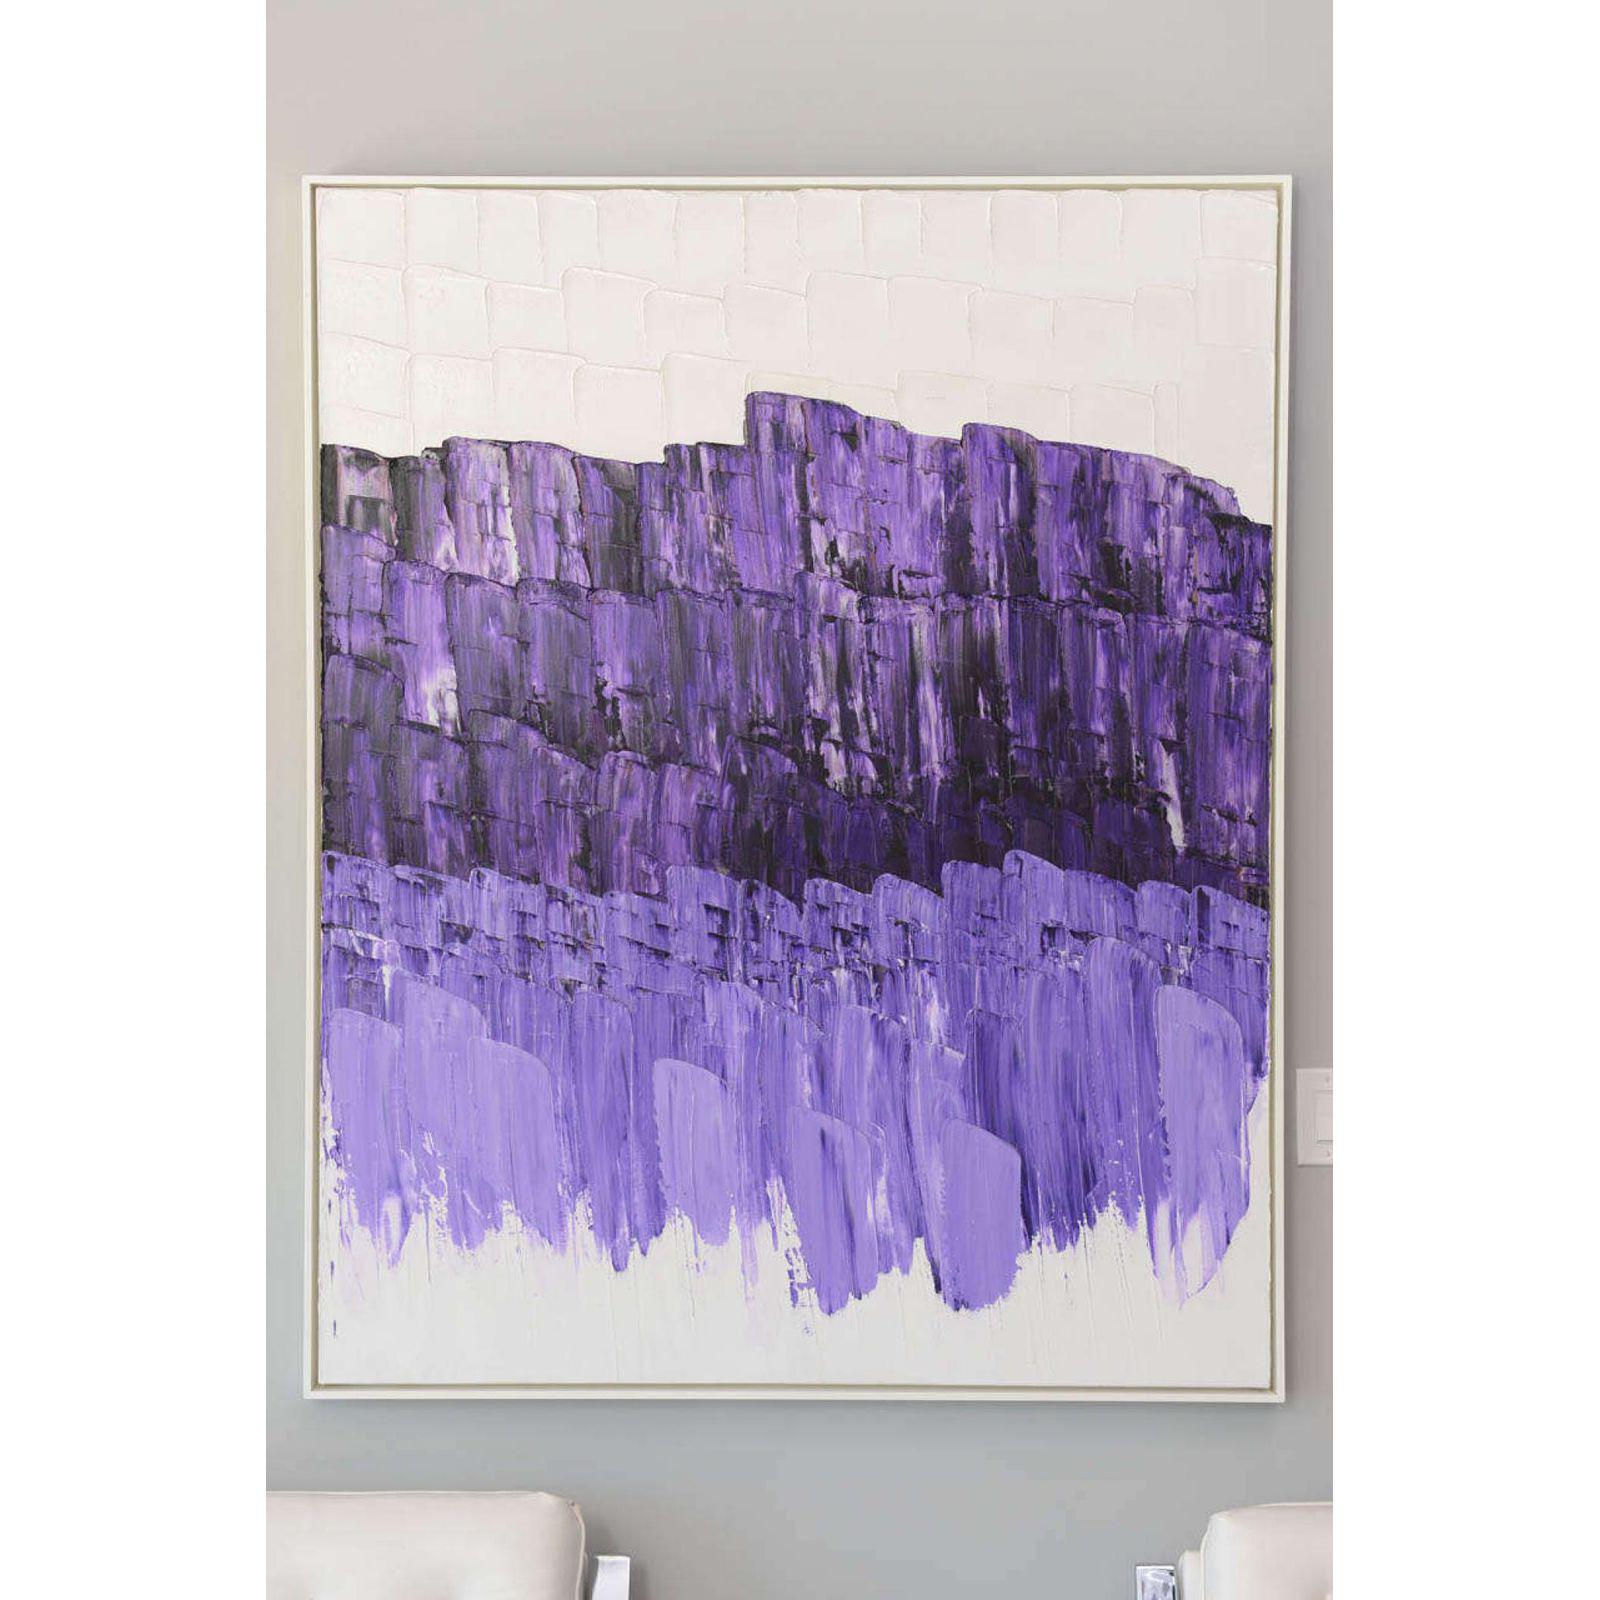 renato-freitas-original-oil-on-canvas-2013-6714